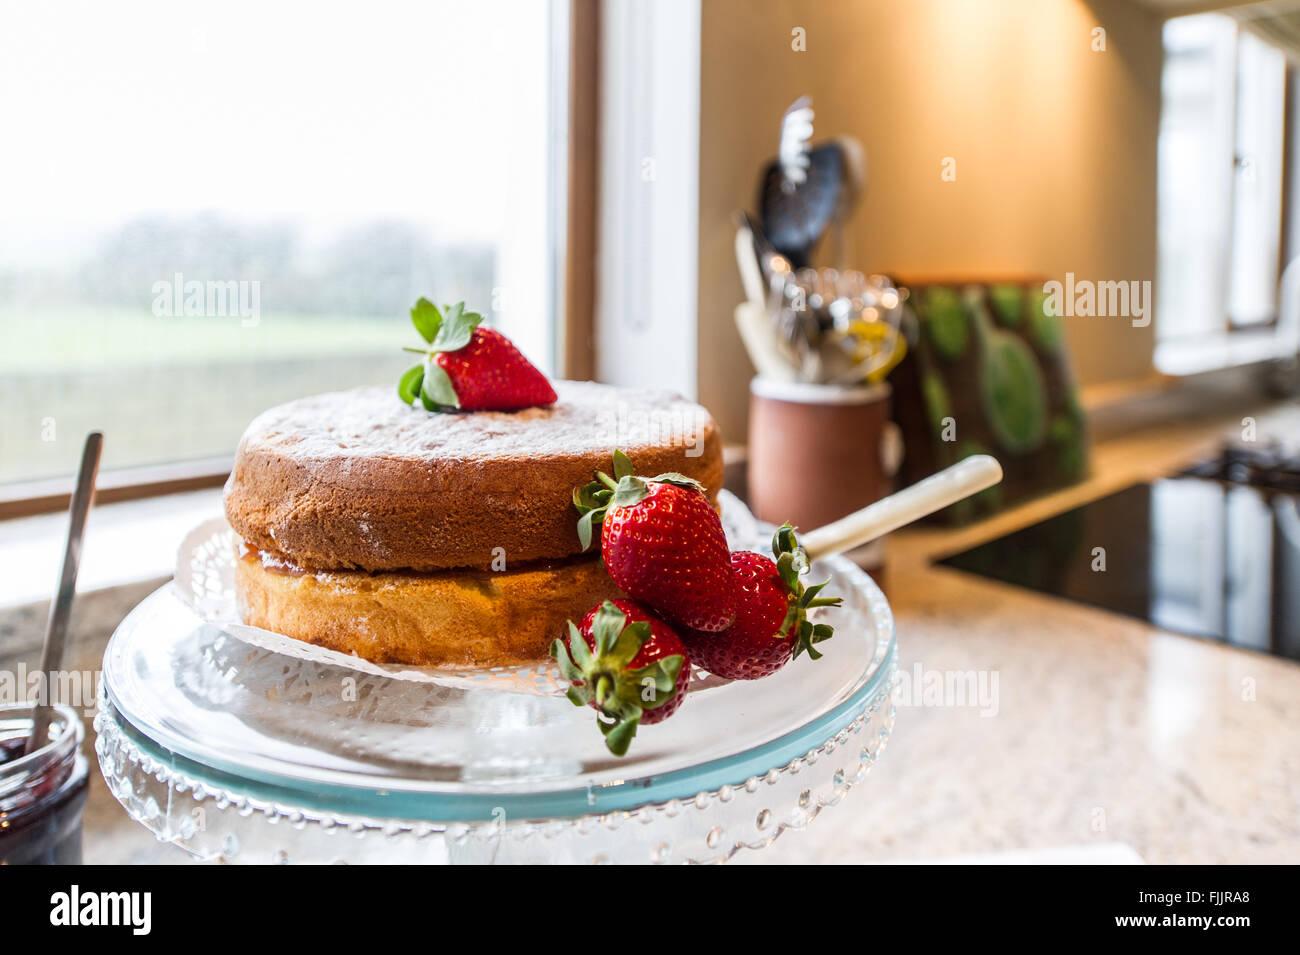 Gâteau fait maison avec des fraises sur un stand dans une cuisine domestique. Photo Stock